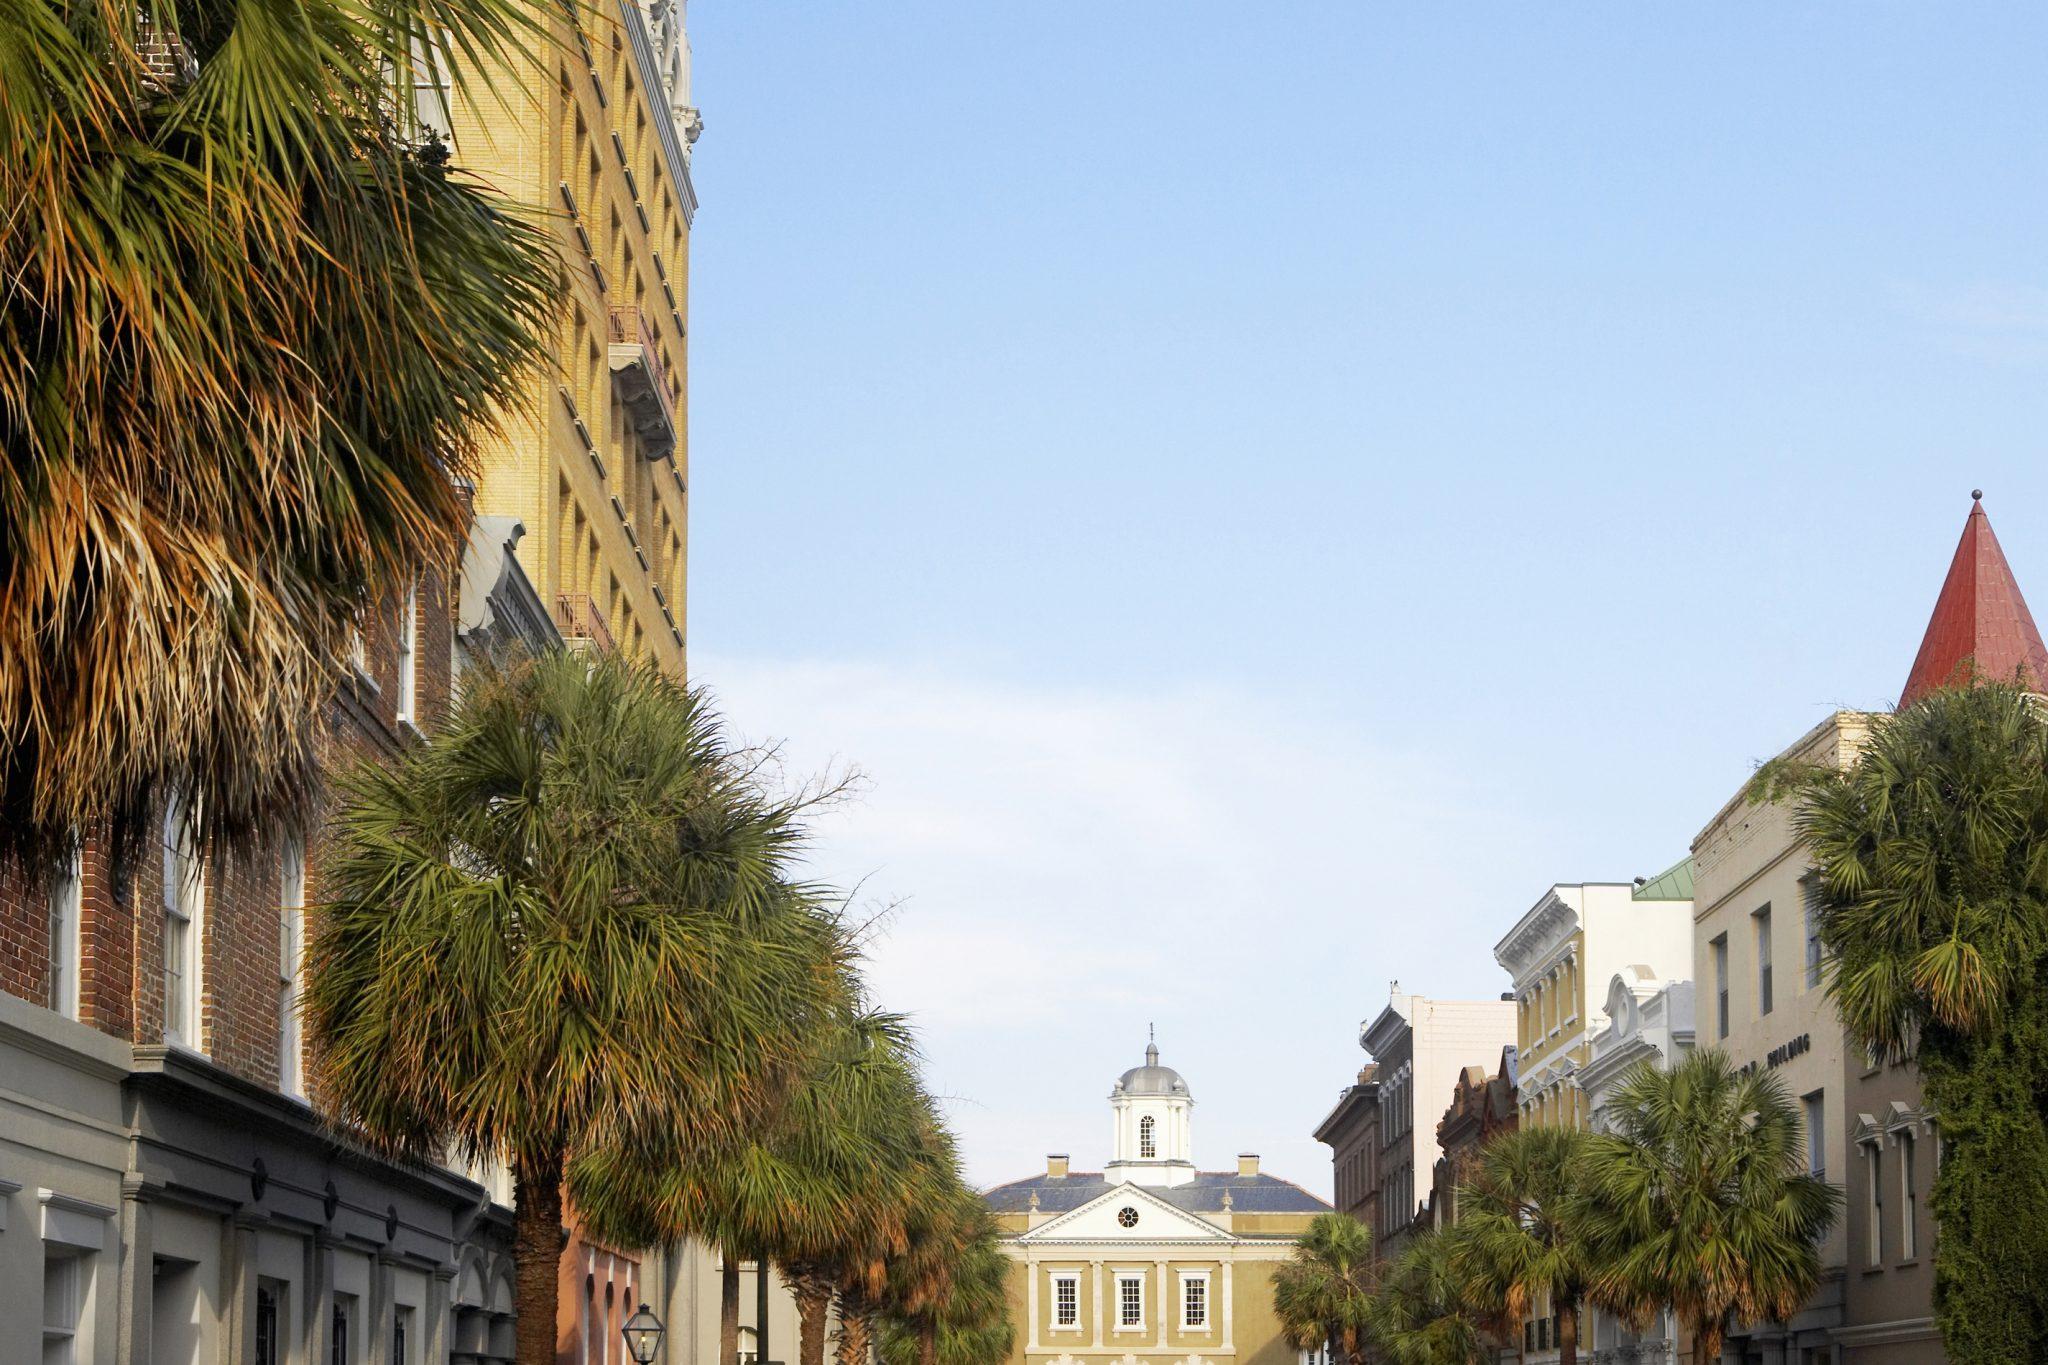 Getting around Charleston